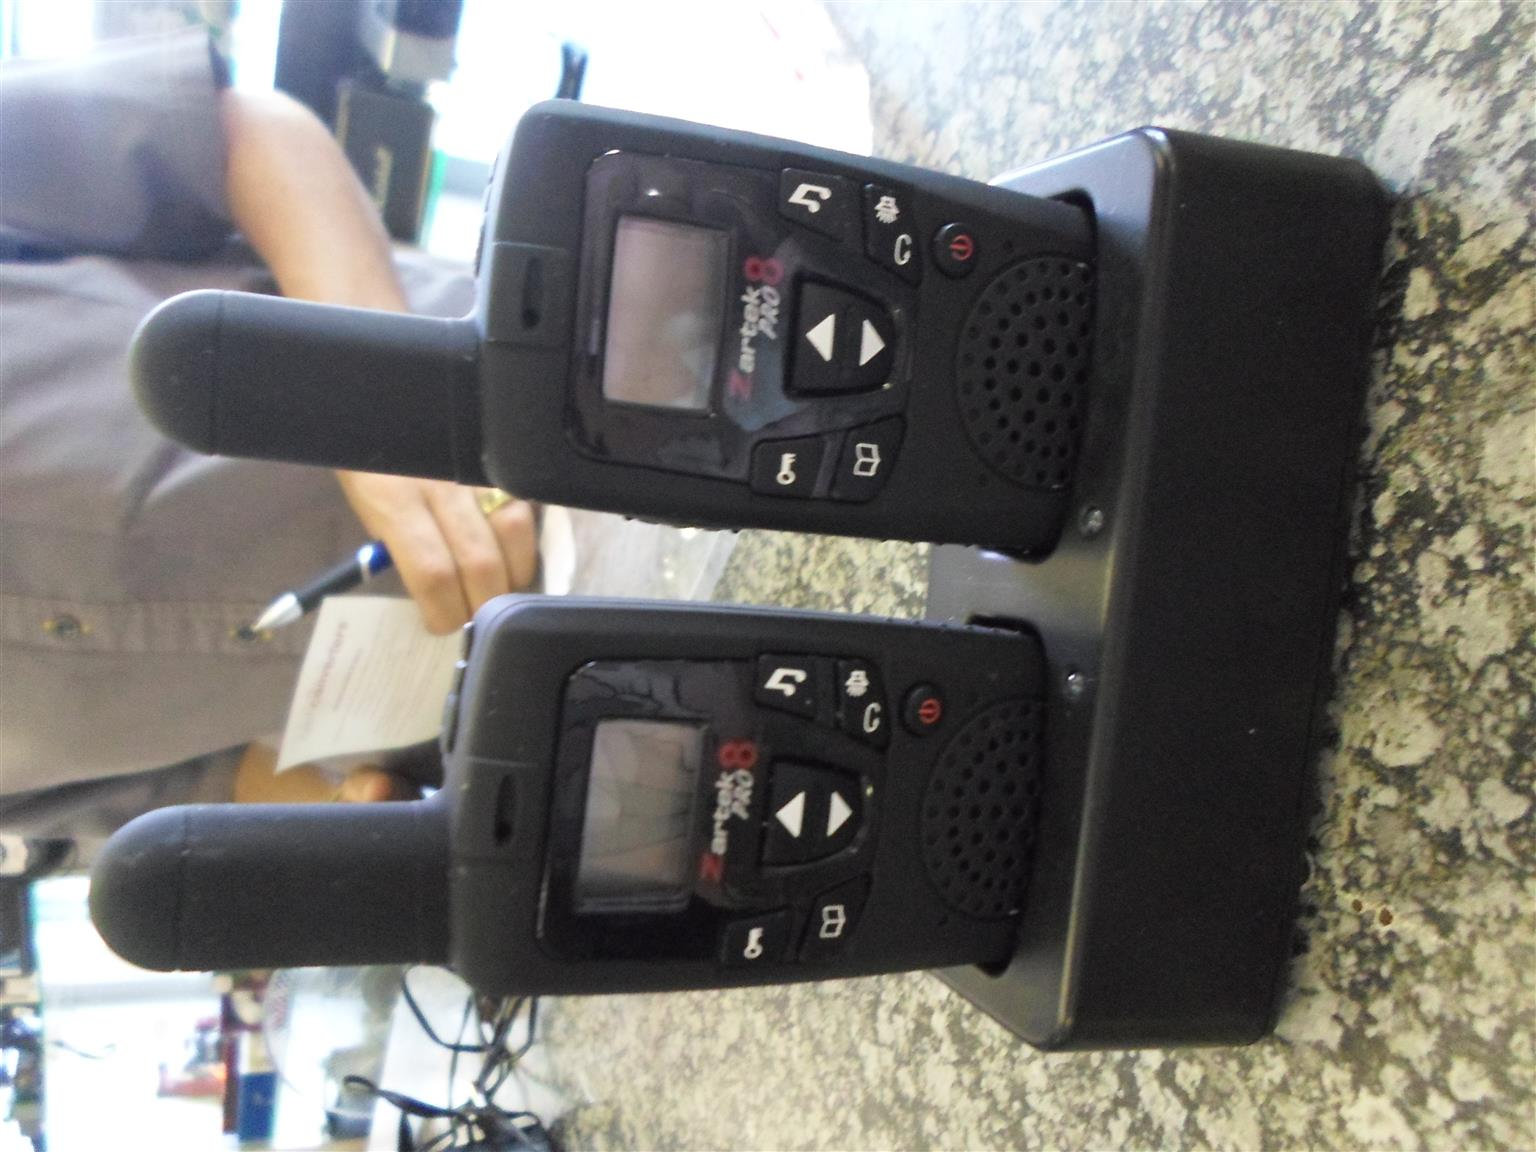 Zartek Two Way Radios